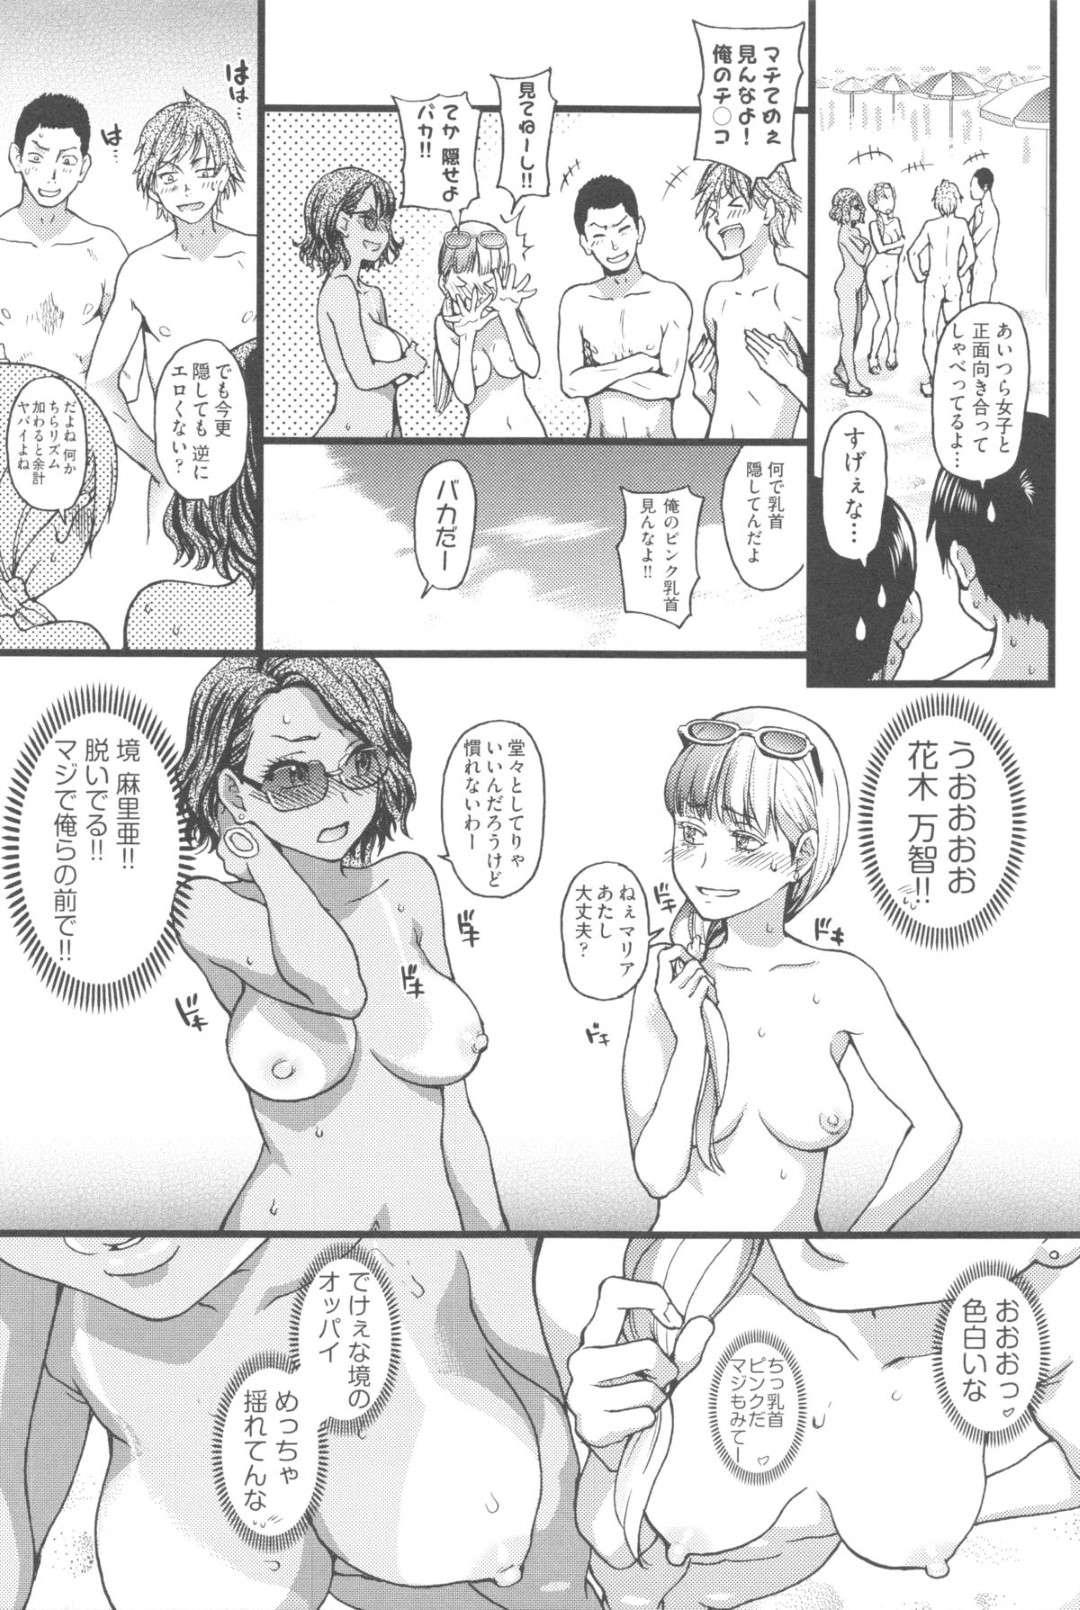 【エロ漫画】修学旅行でヌーディストに訪れたJK…彼女たちは男子たちの目の前で全裸になる恥辱プレイを受ける事となってしまう。